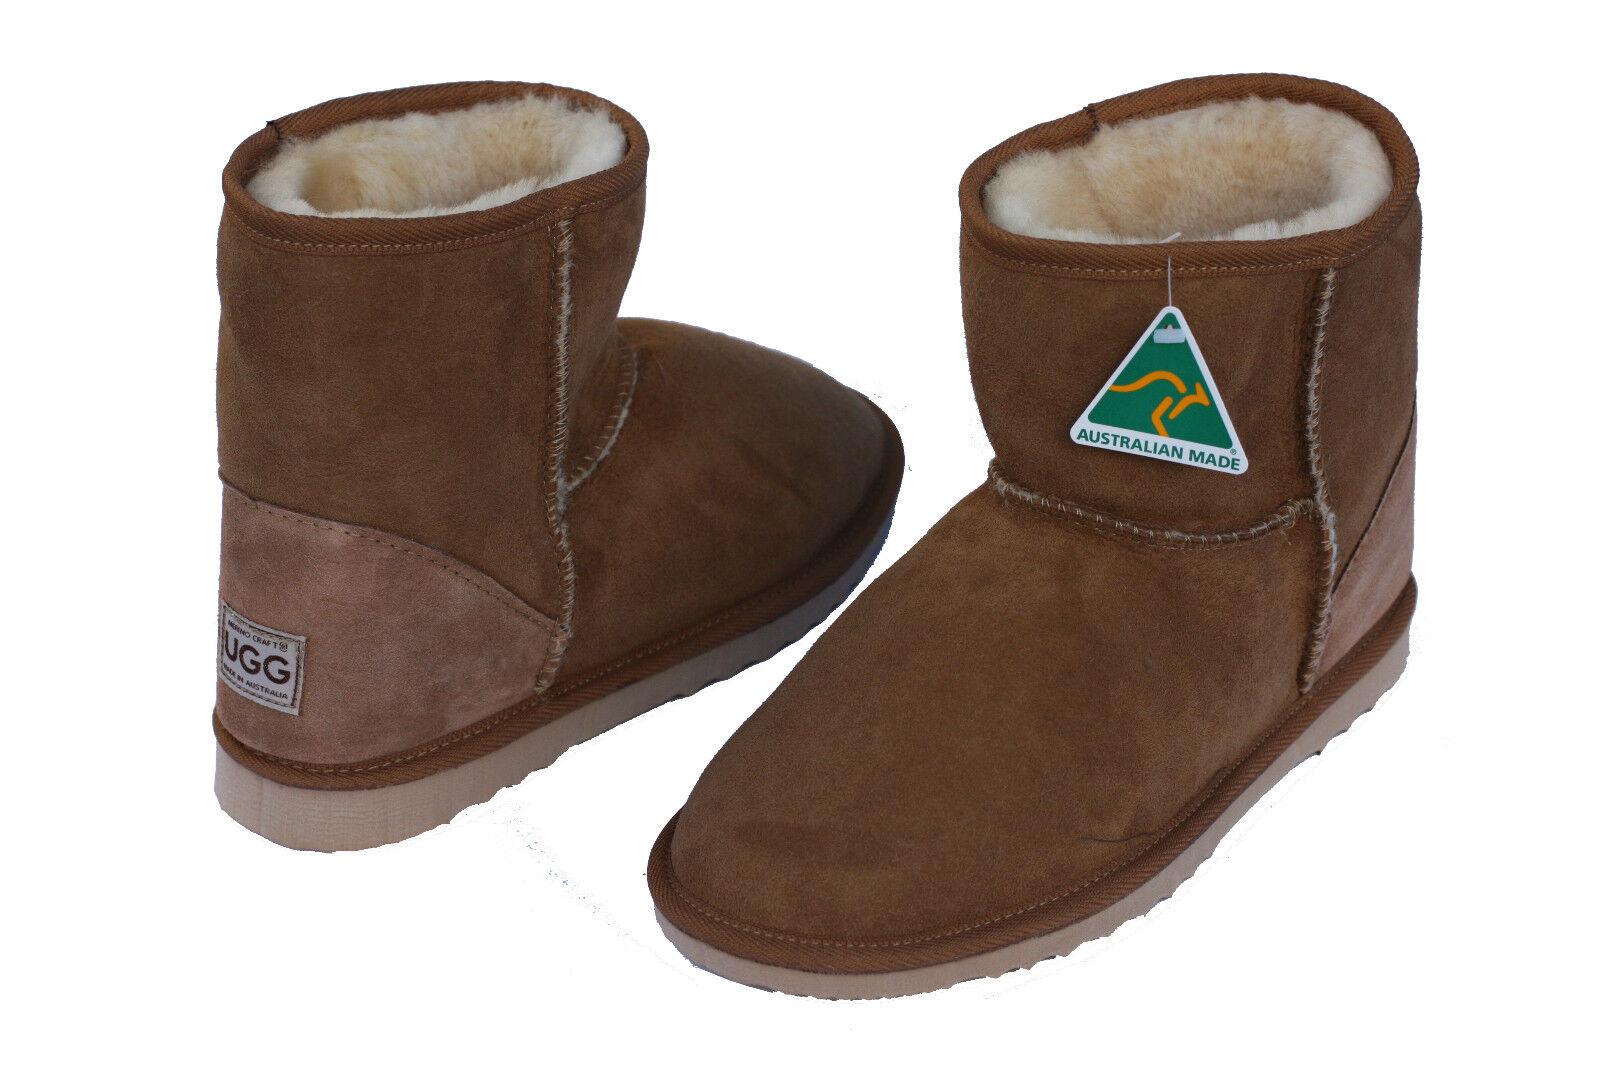 Klasszikus rövid / mini Ugg Boots Premium Ausztrál juhköpeny 3 szín méretek 4-14